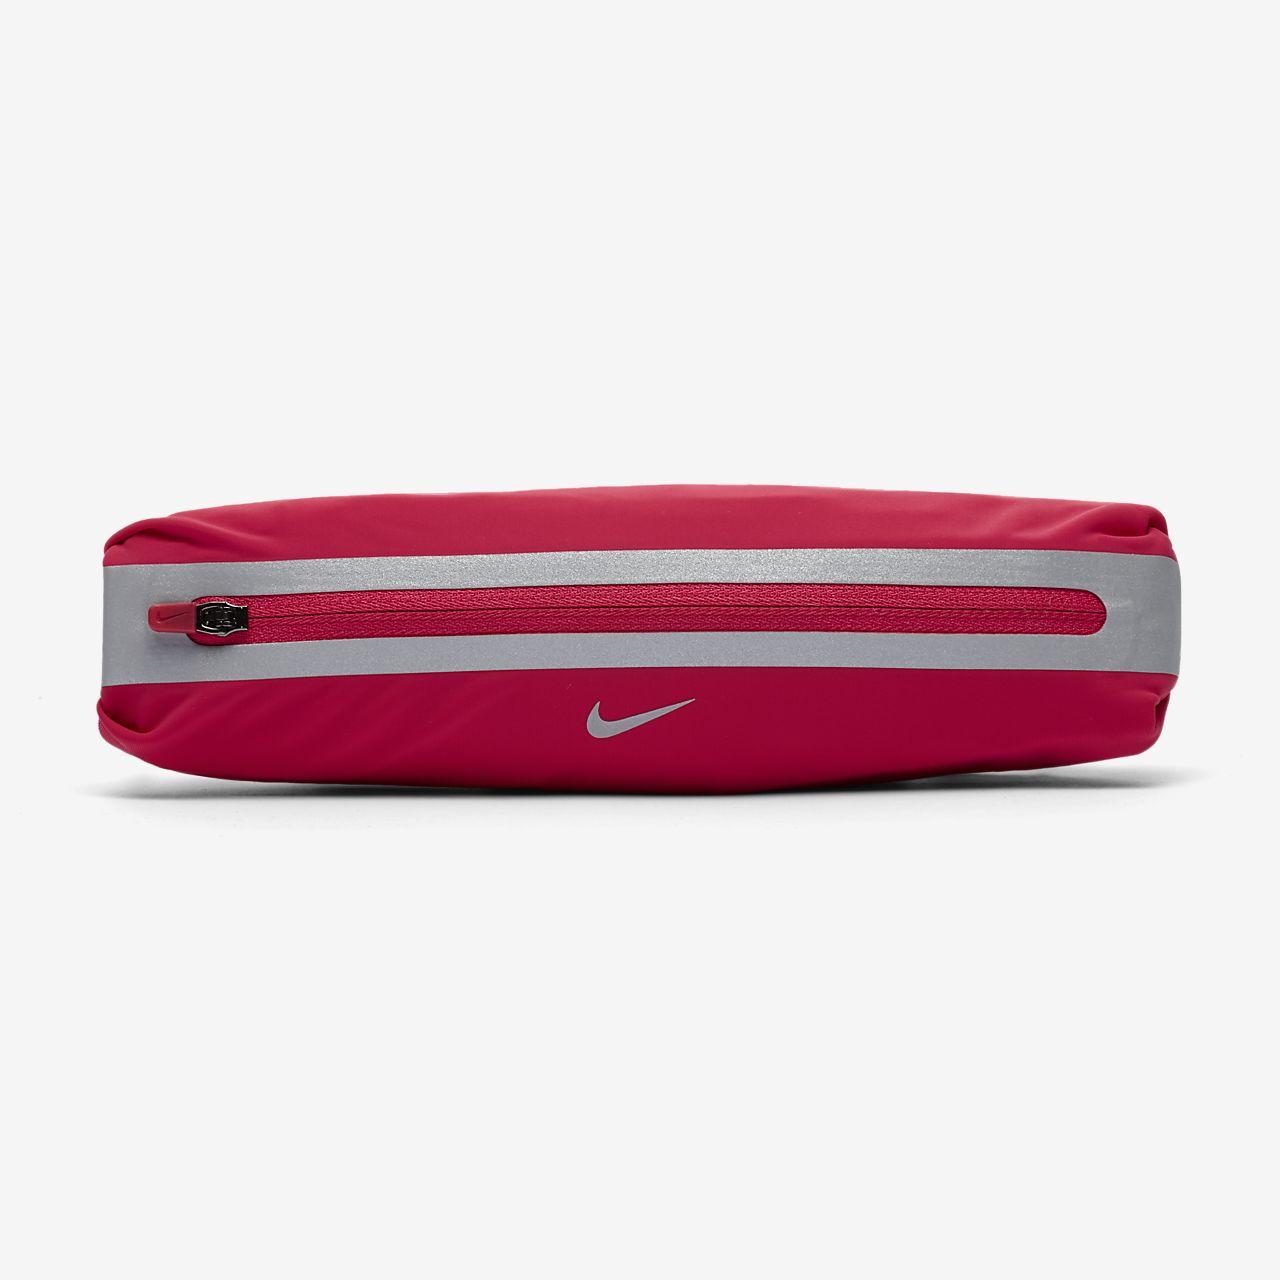 Nike Riñonera ultacompacta